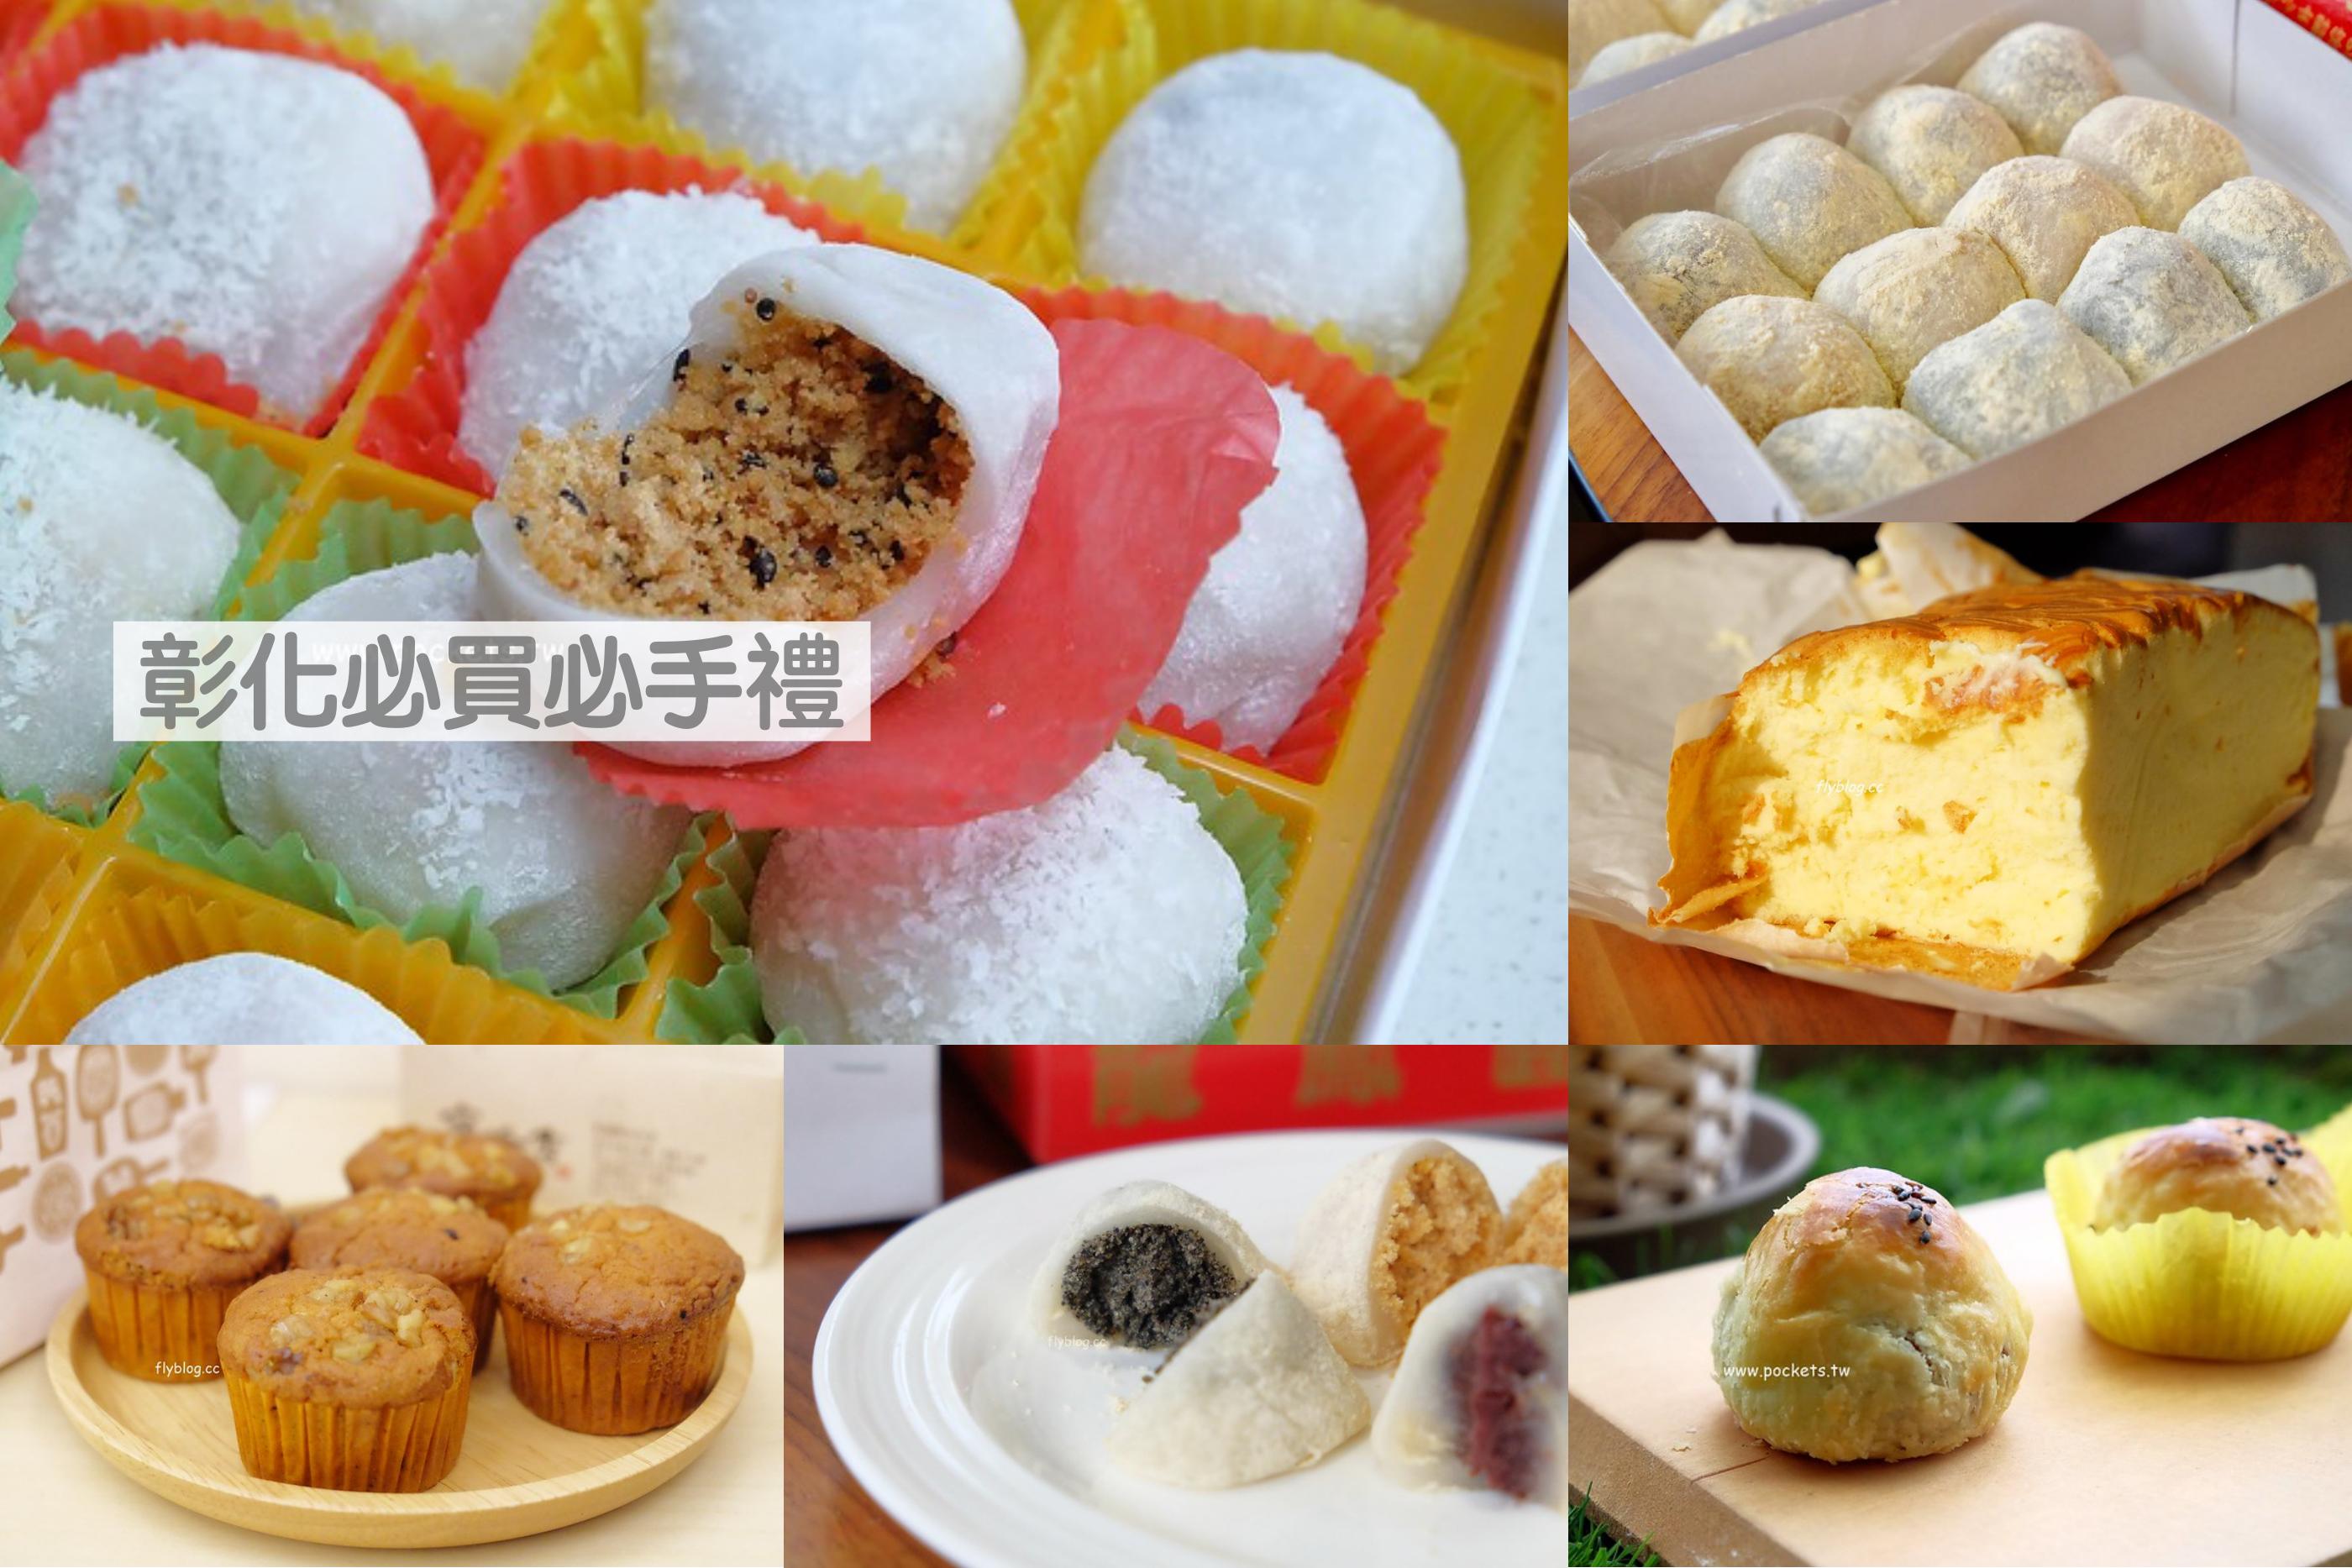 曉明湯包:台中人的宵夜美食,凌晨開始開賣,晚來就吃不到 @飛天璇的口袋